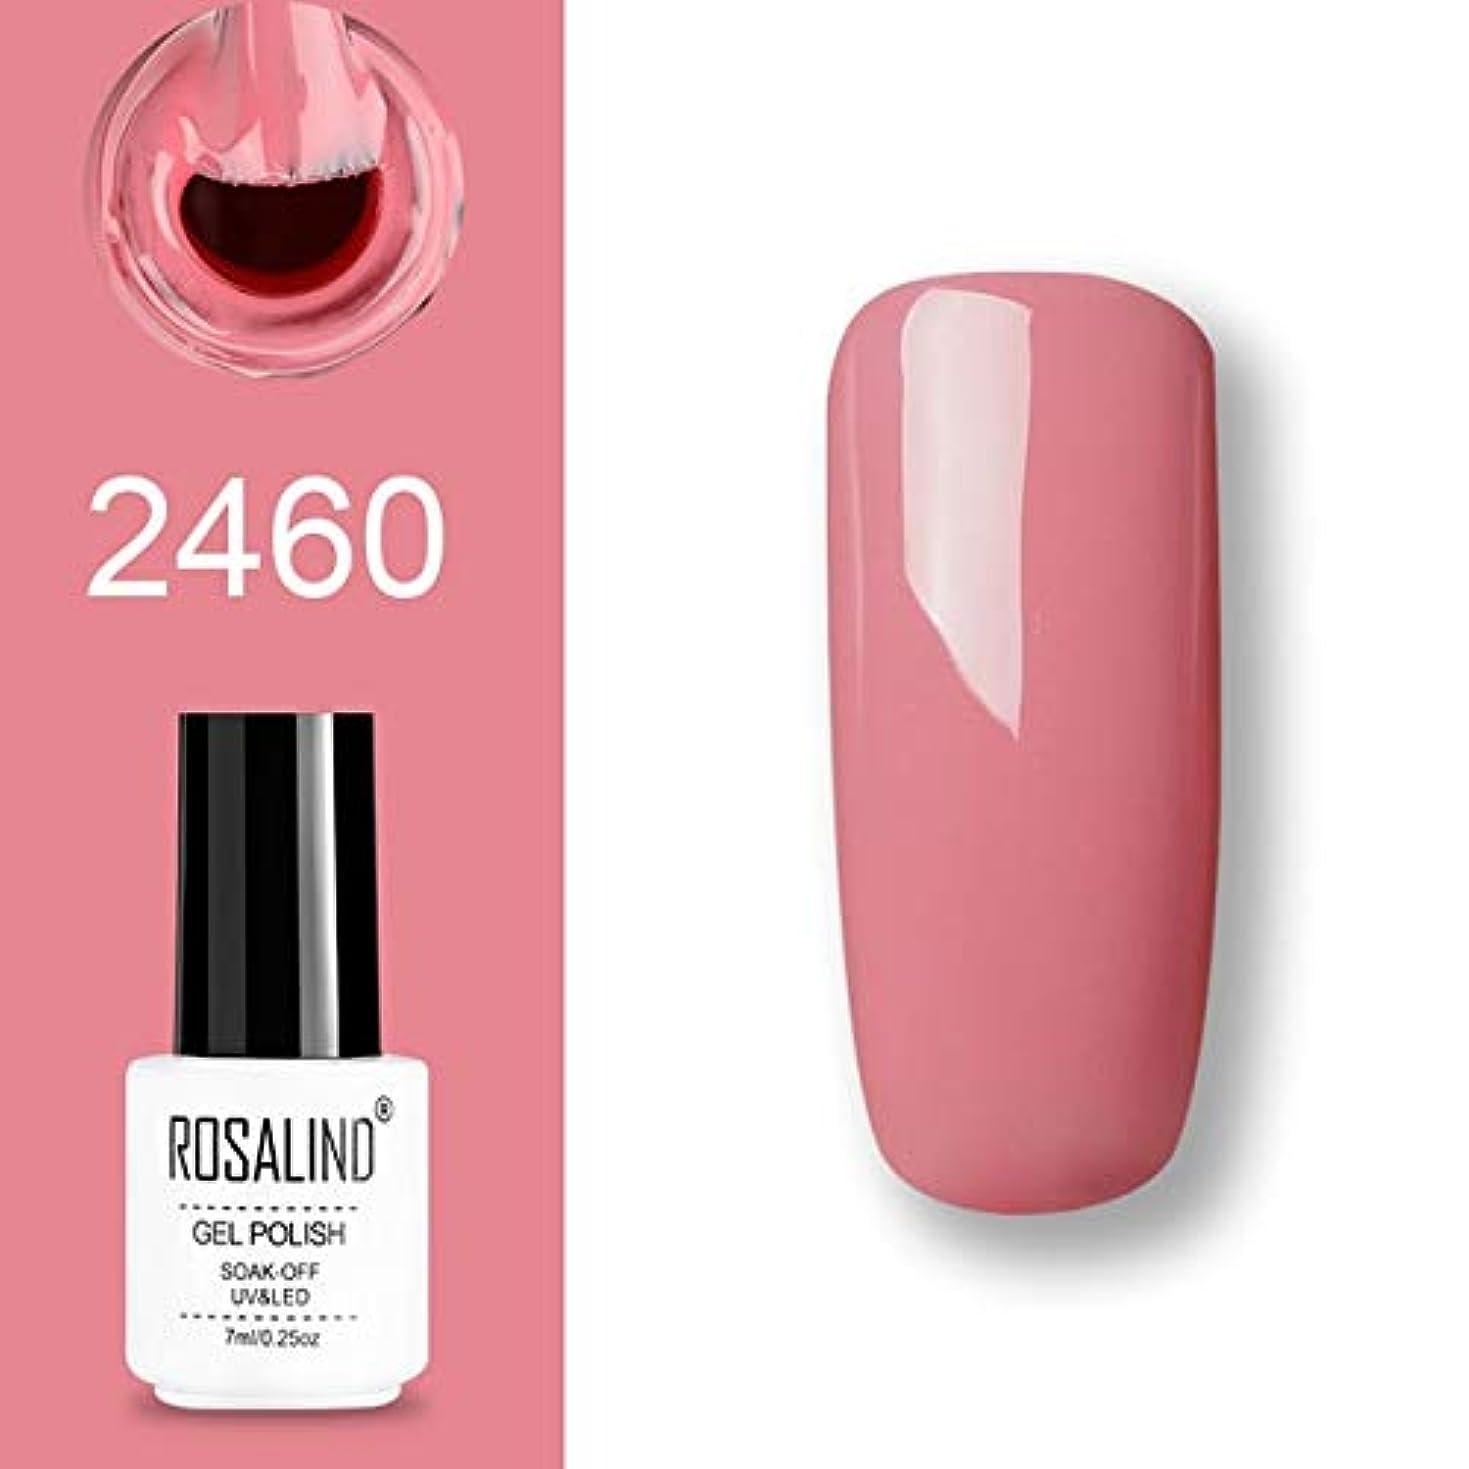 スコアワードローブ無傷ファッションアイテム ROSALINDジェルポリッシュセットUVセミパーマネントプライマートップコートポリジェルニスネイルアートマニキュアジェル、ピンク、容量:7ml 2460。 環境に優しいマニキュア